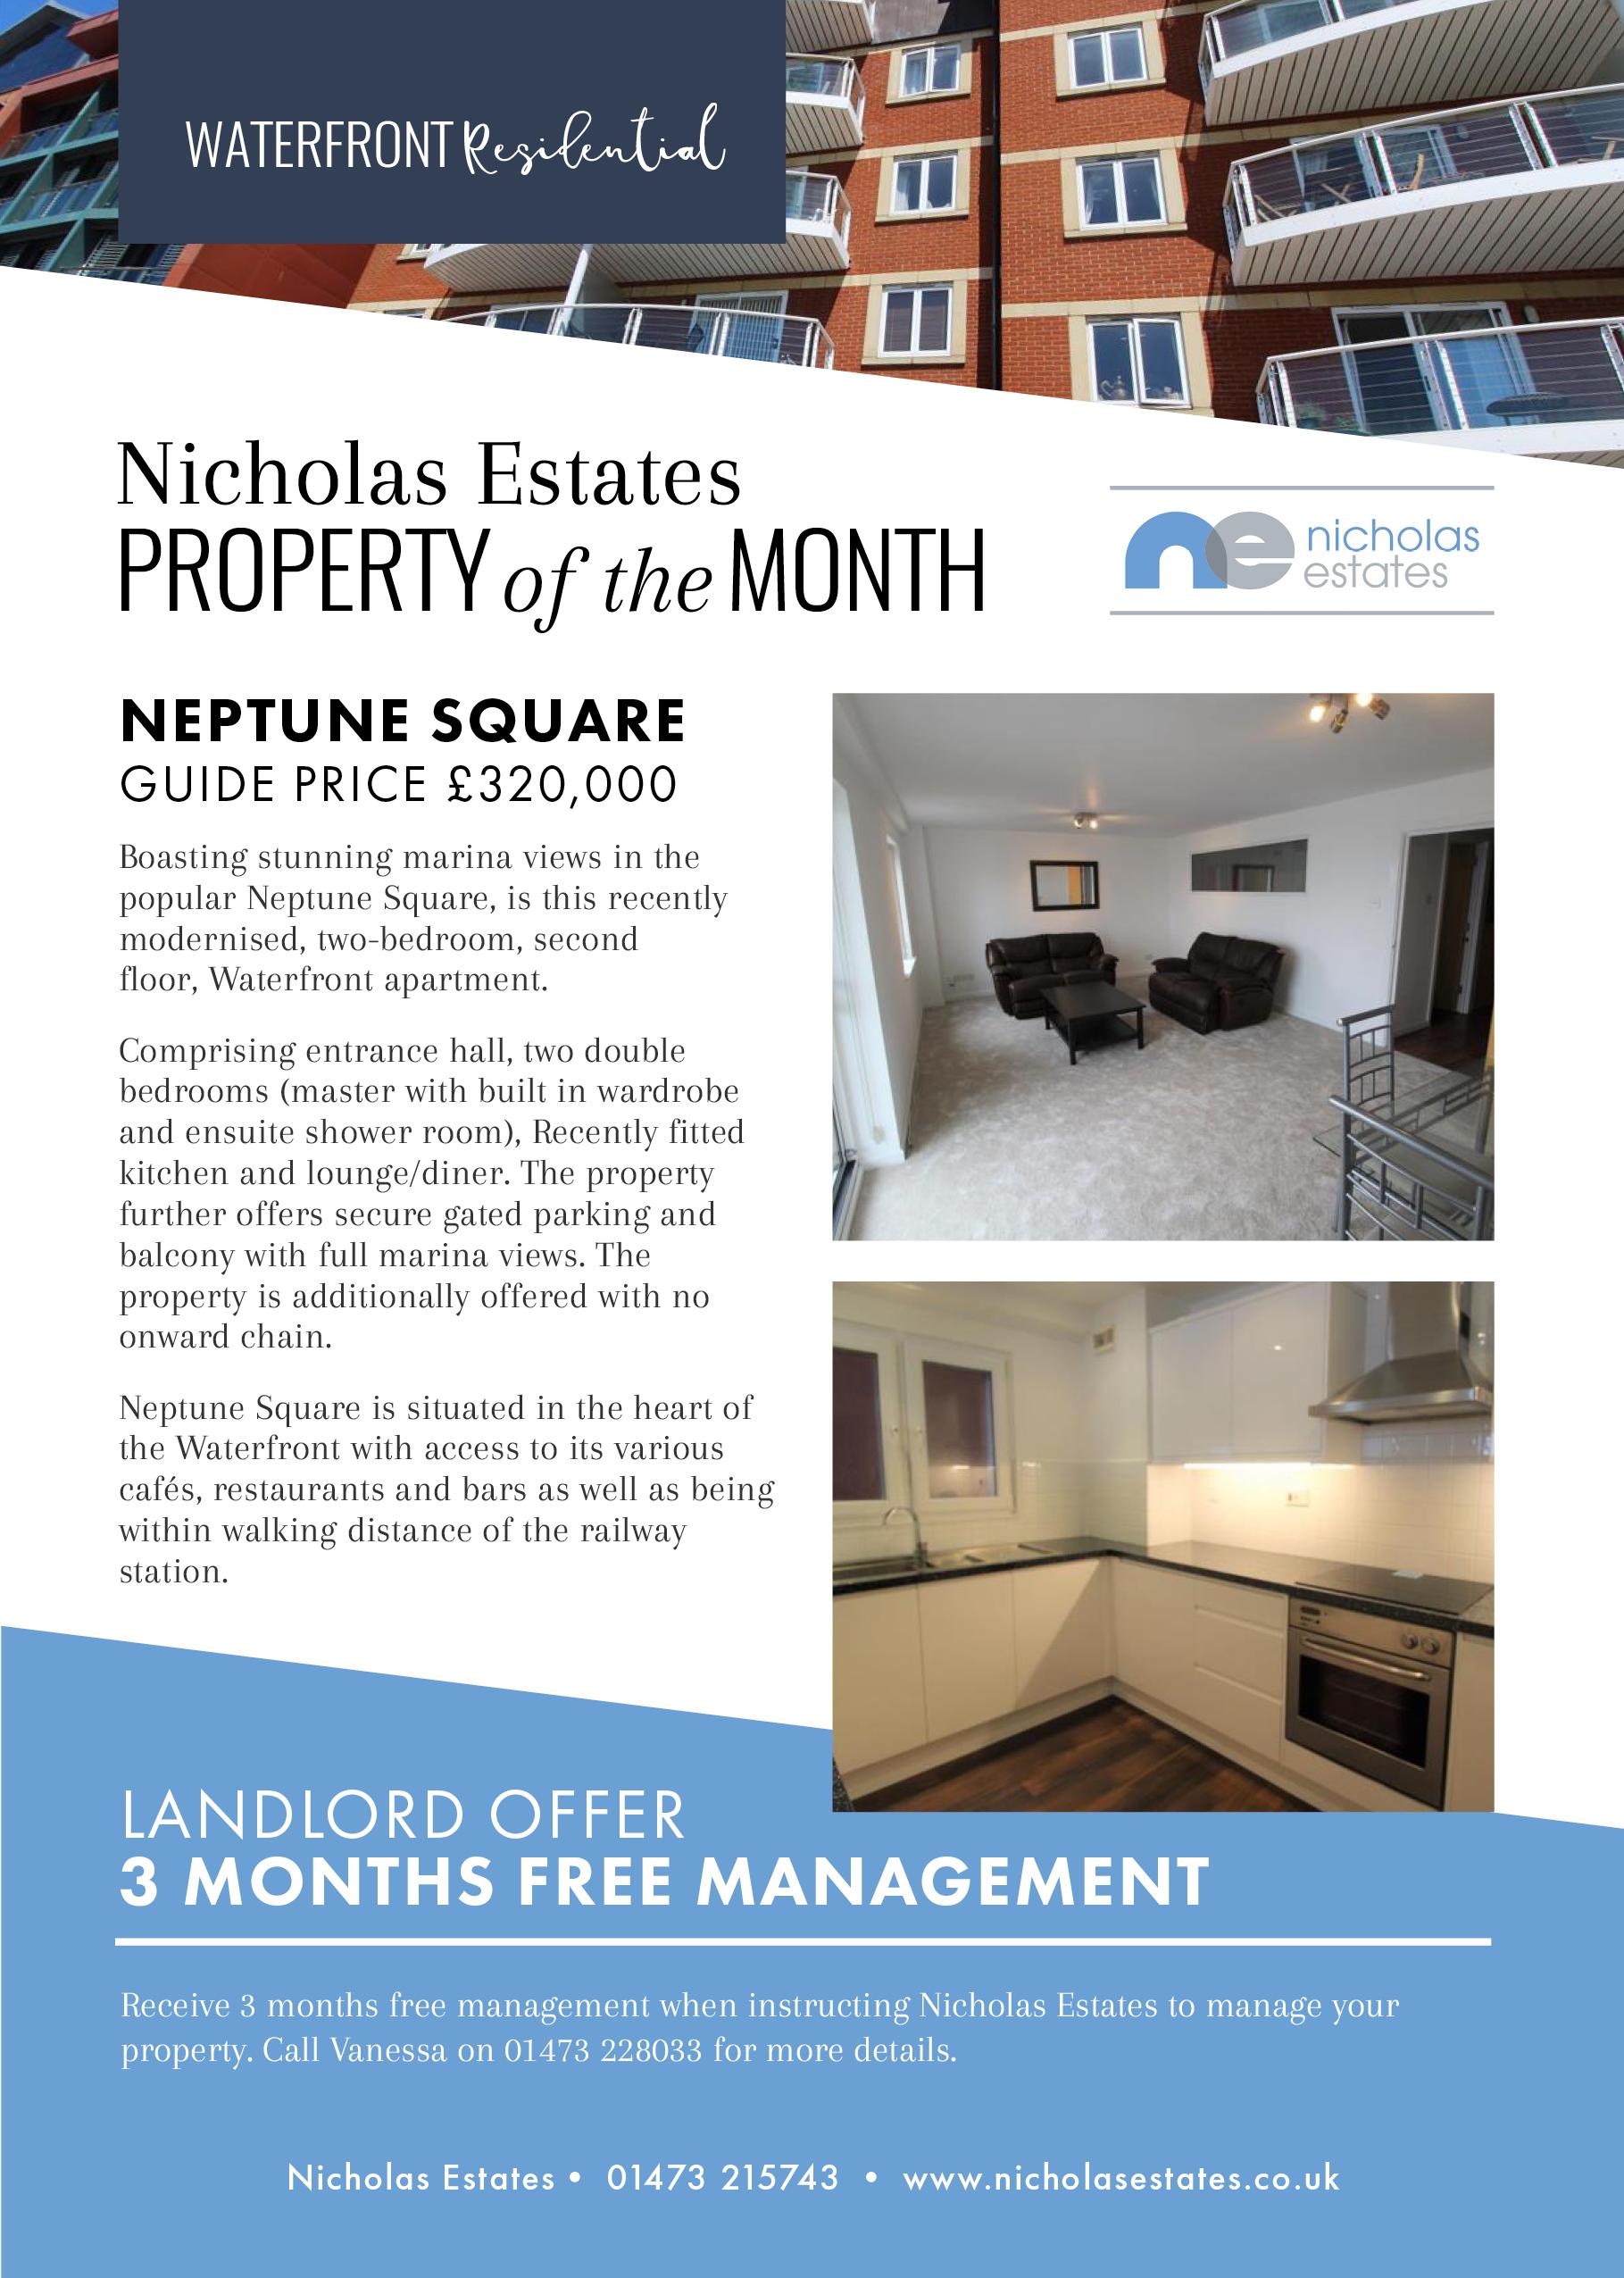 nicholas estates